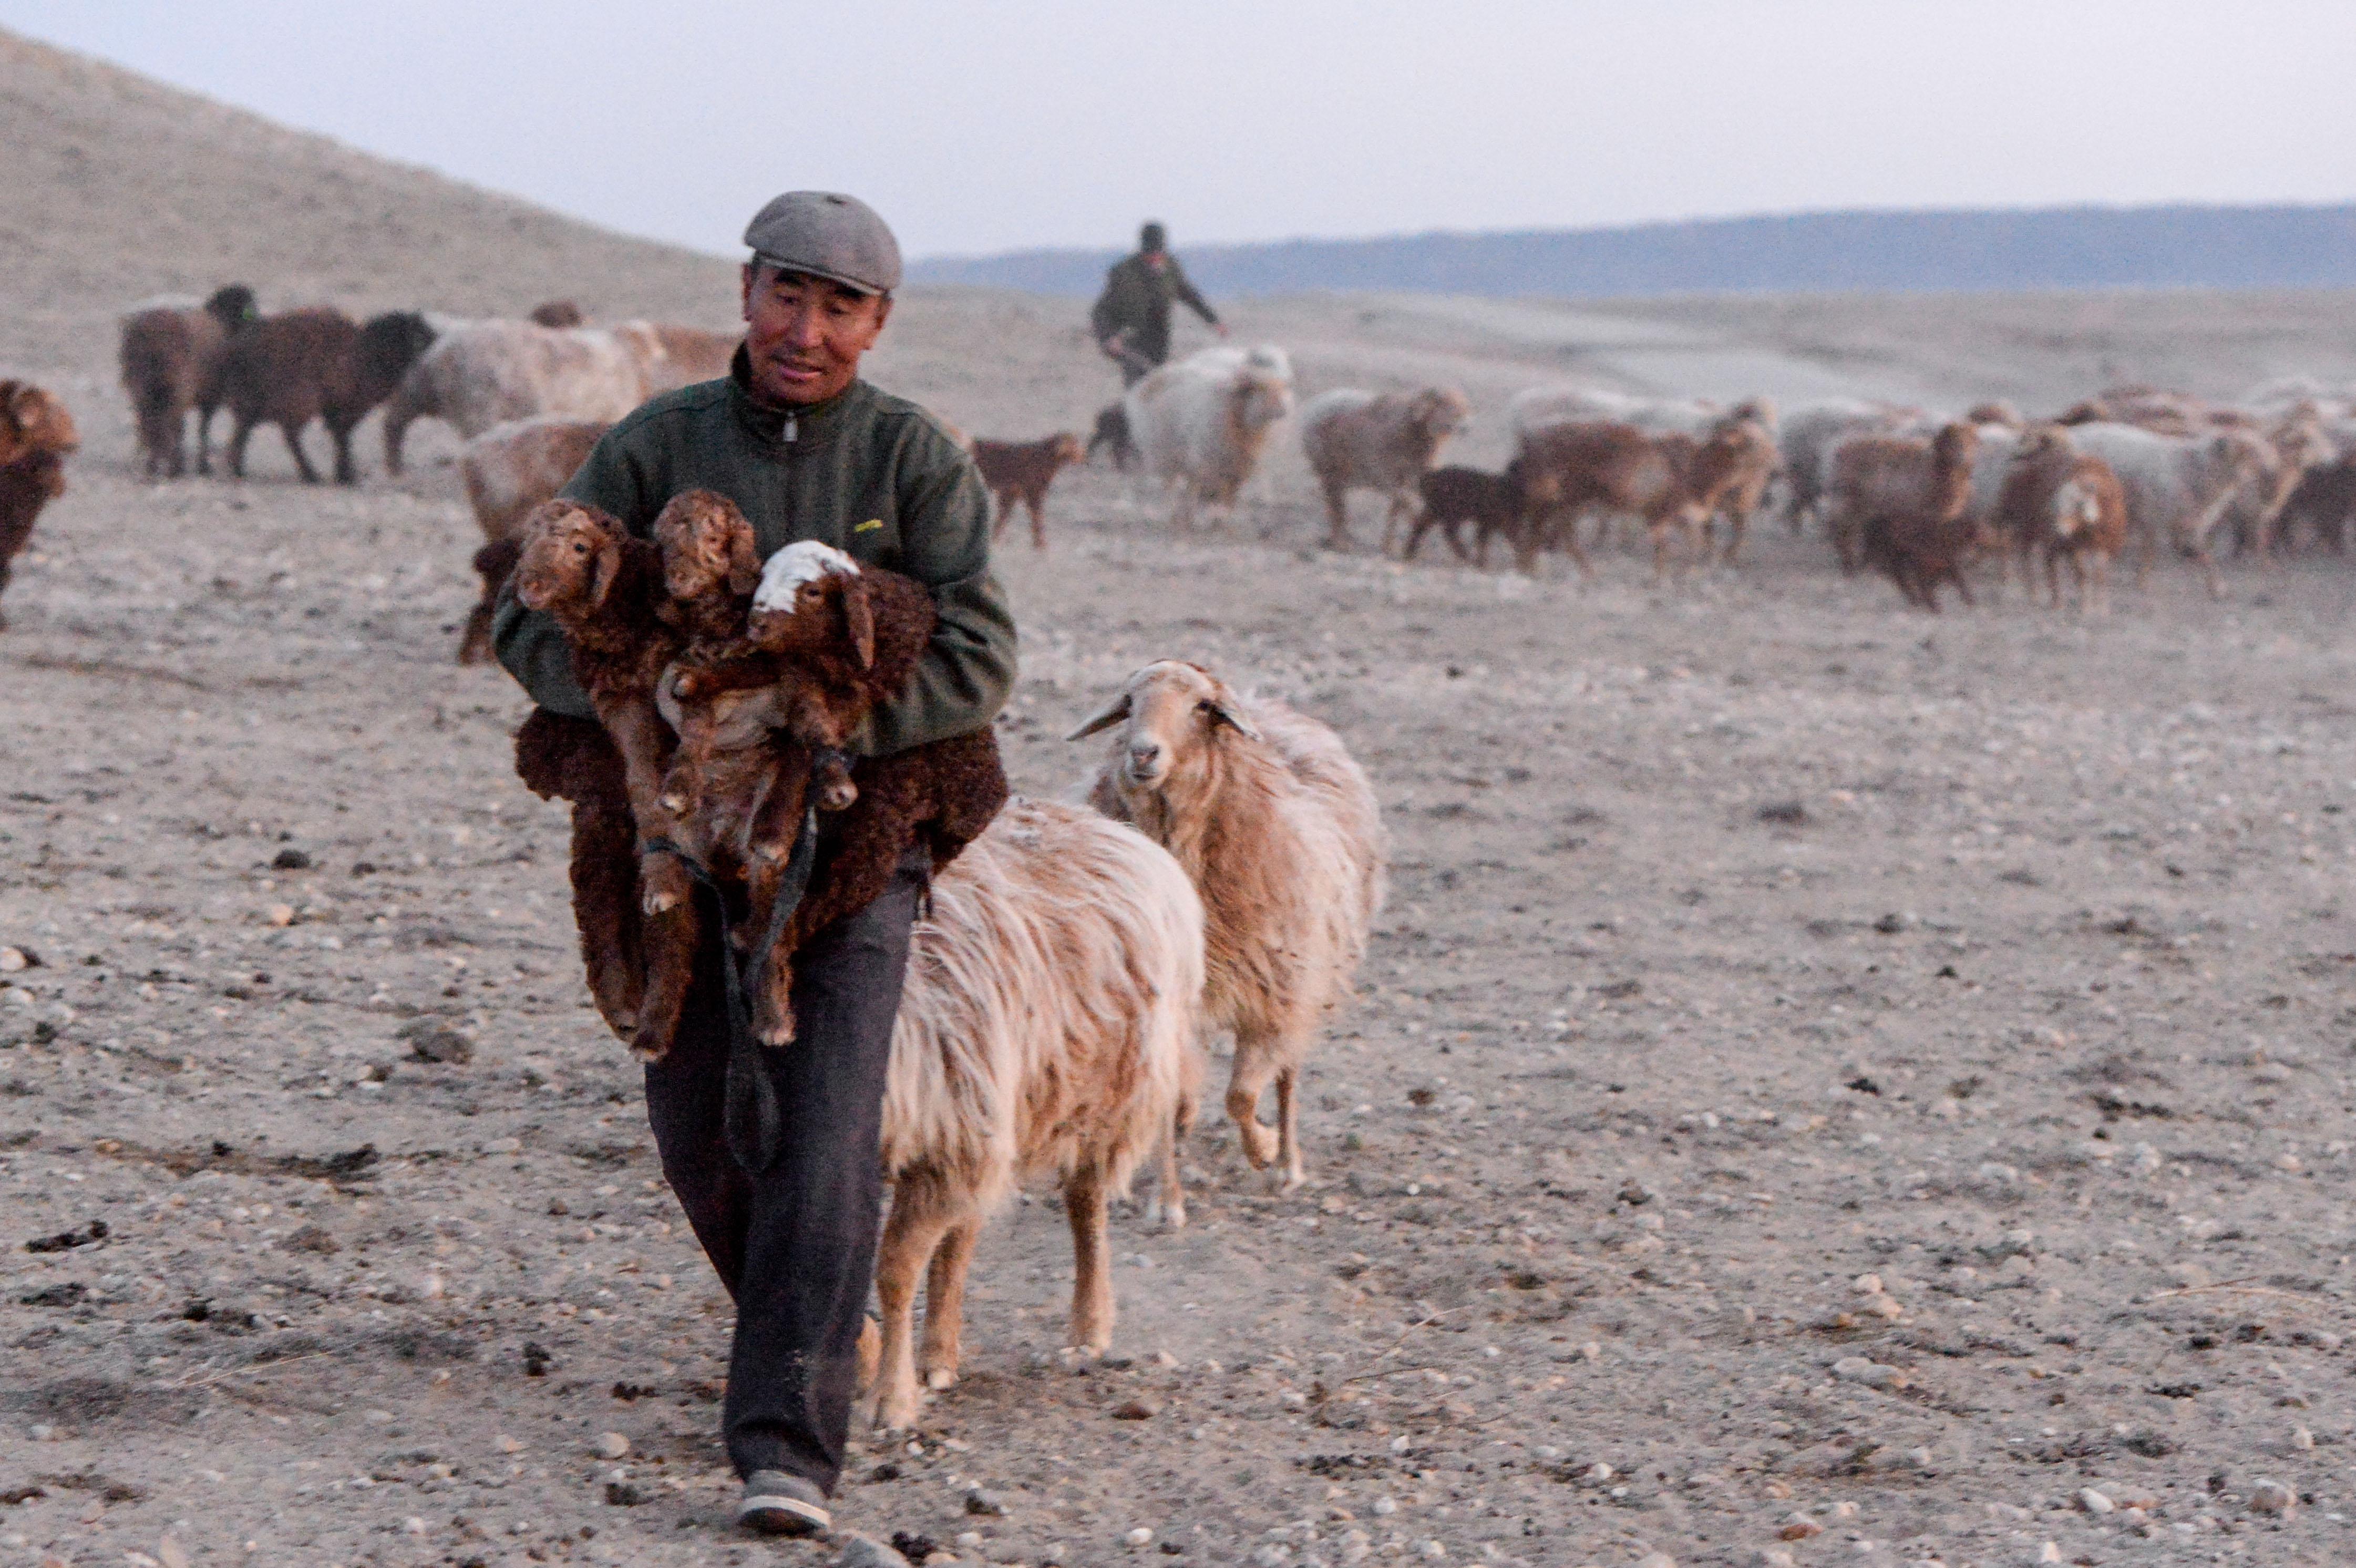 環境管理の単位は「羊」、牧畜民の春の大移動 中国・新疆